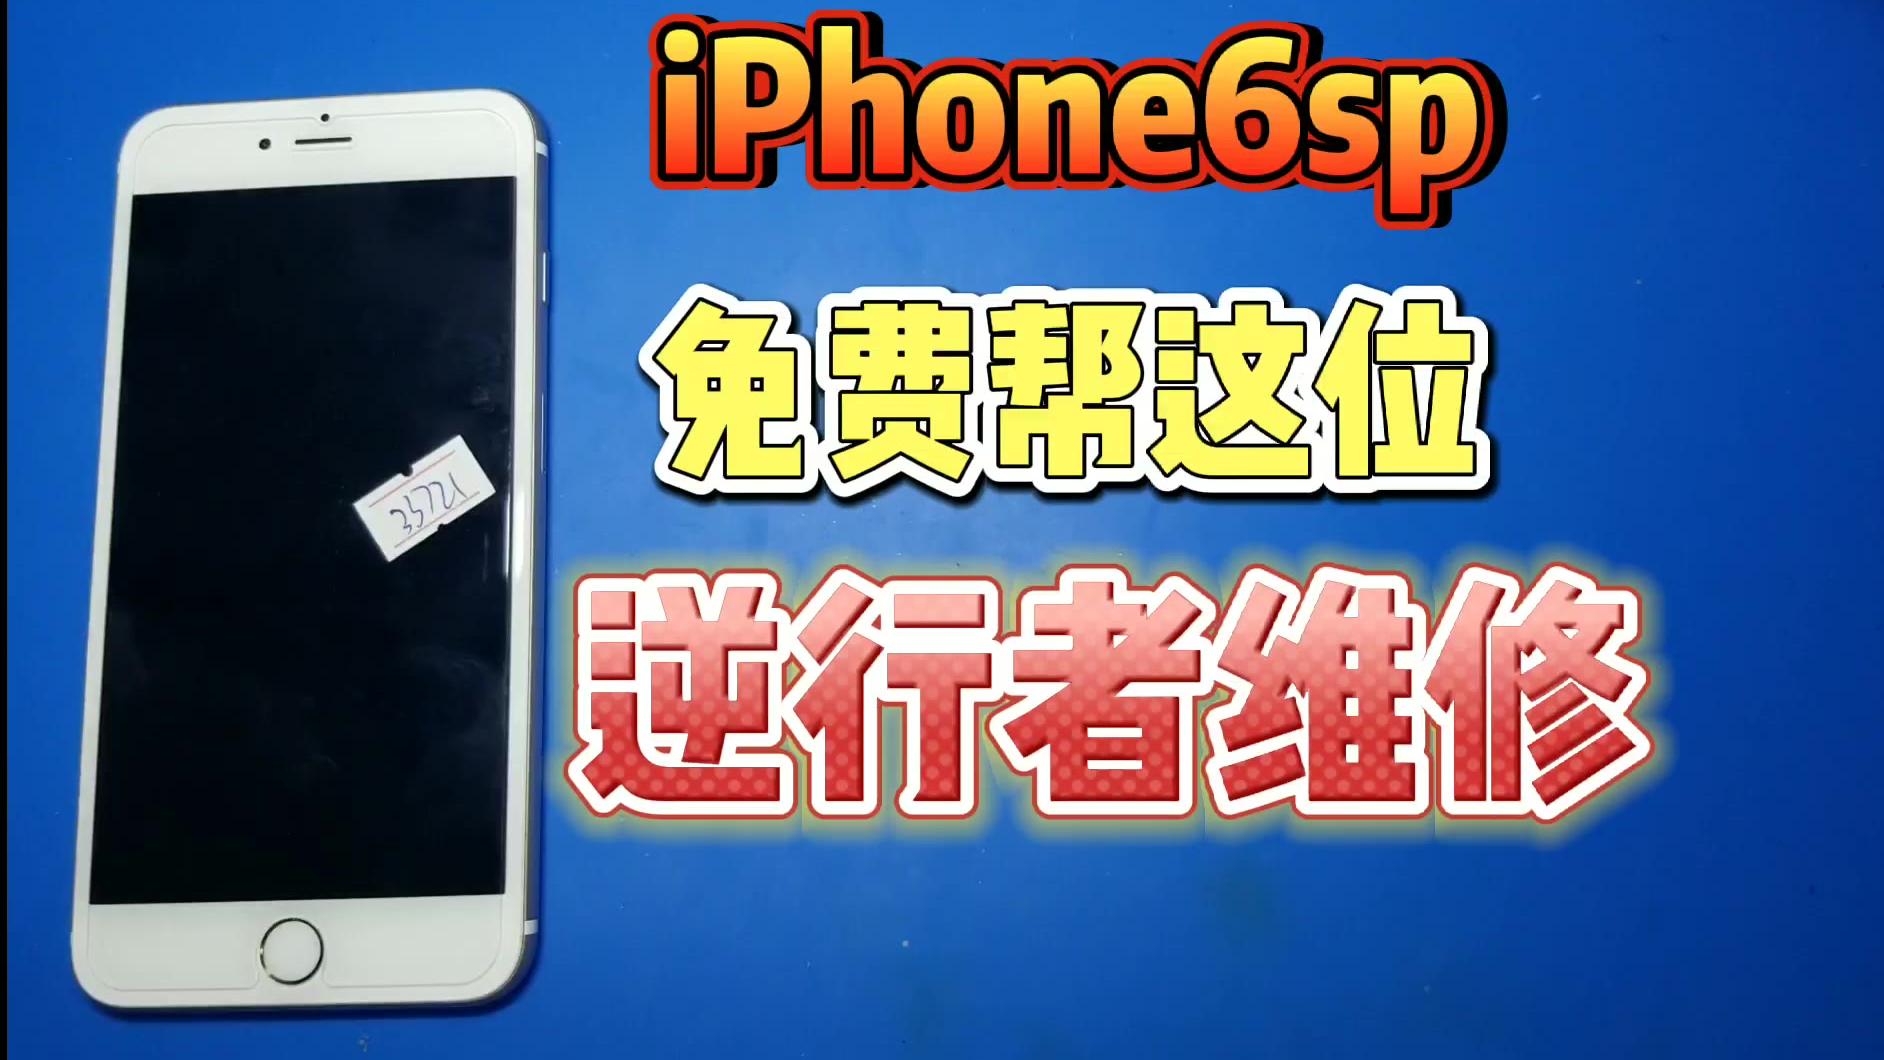 iPhone6sp不能触摸,这是一位消防战士的手机,免费为这位逆行者维修,向他们致敬!